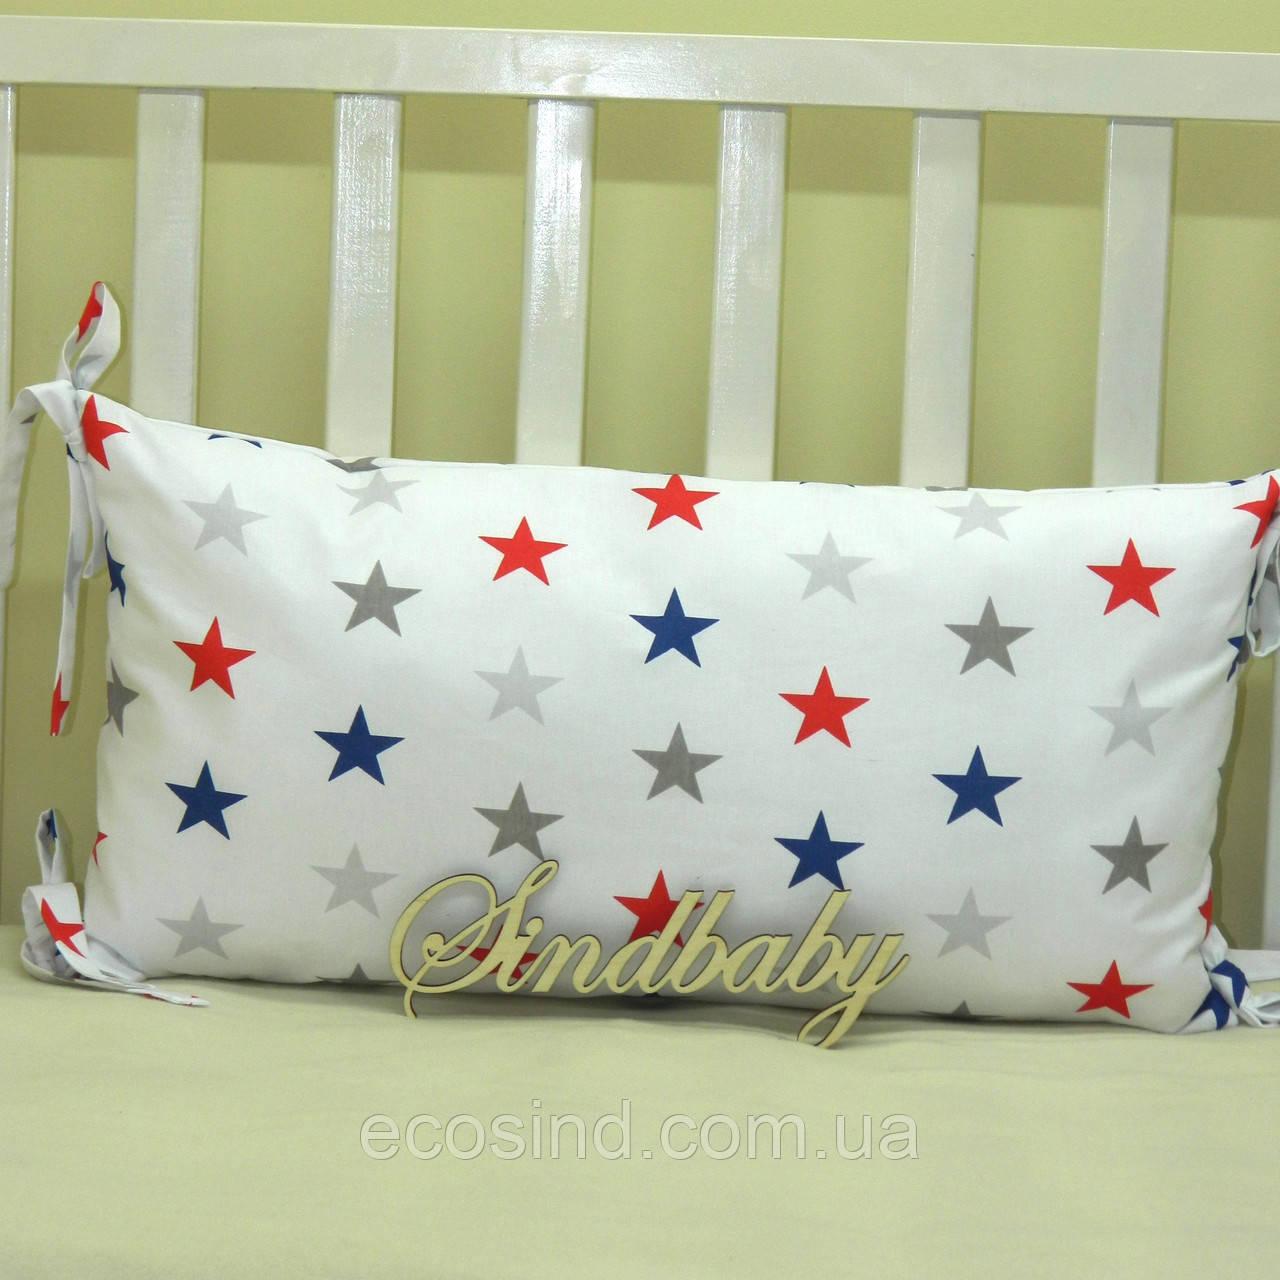 Бортики подушки в кроватку, Подушка 30х60 -29